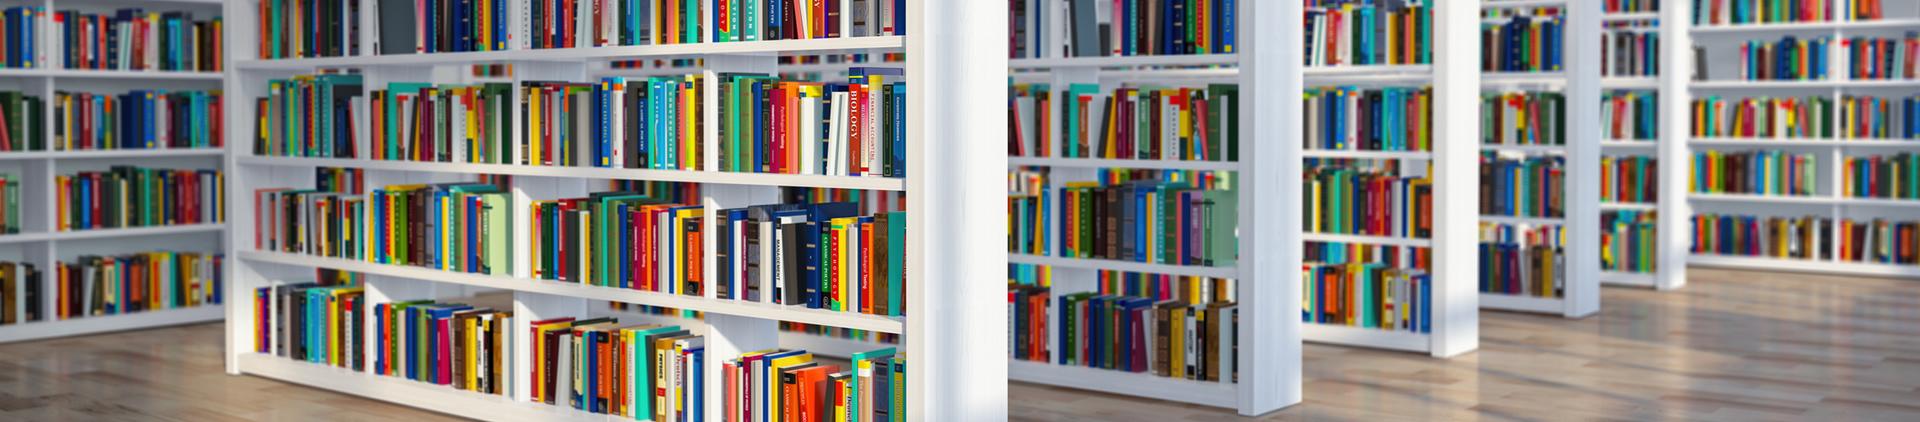 מערך הספריות והמידע